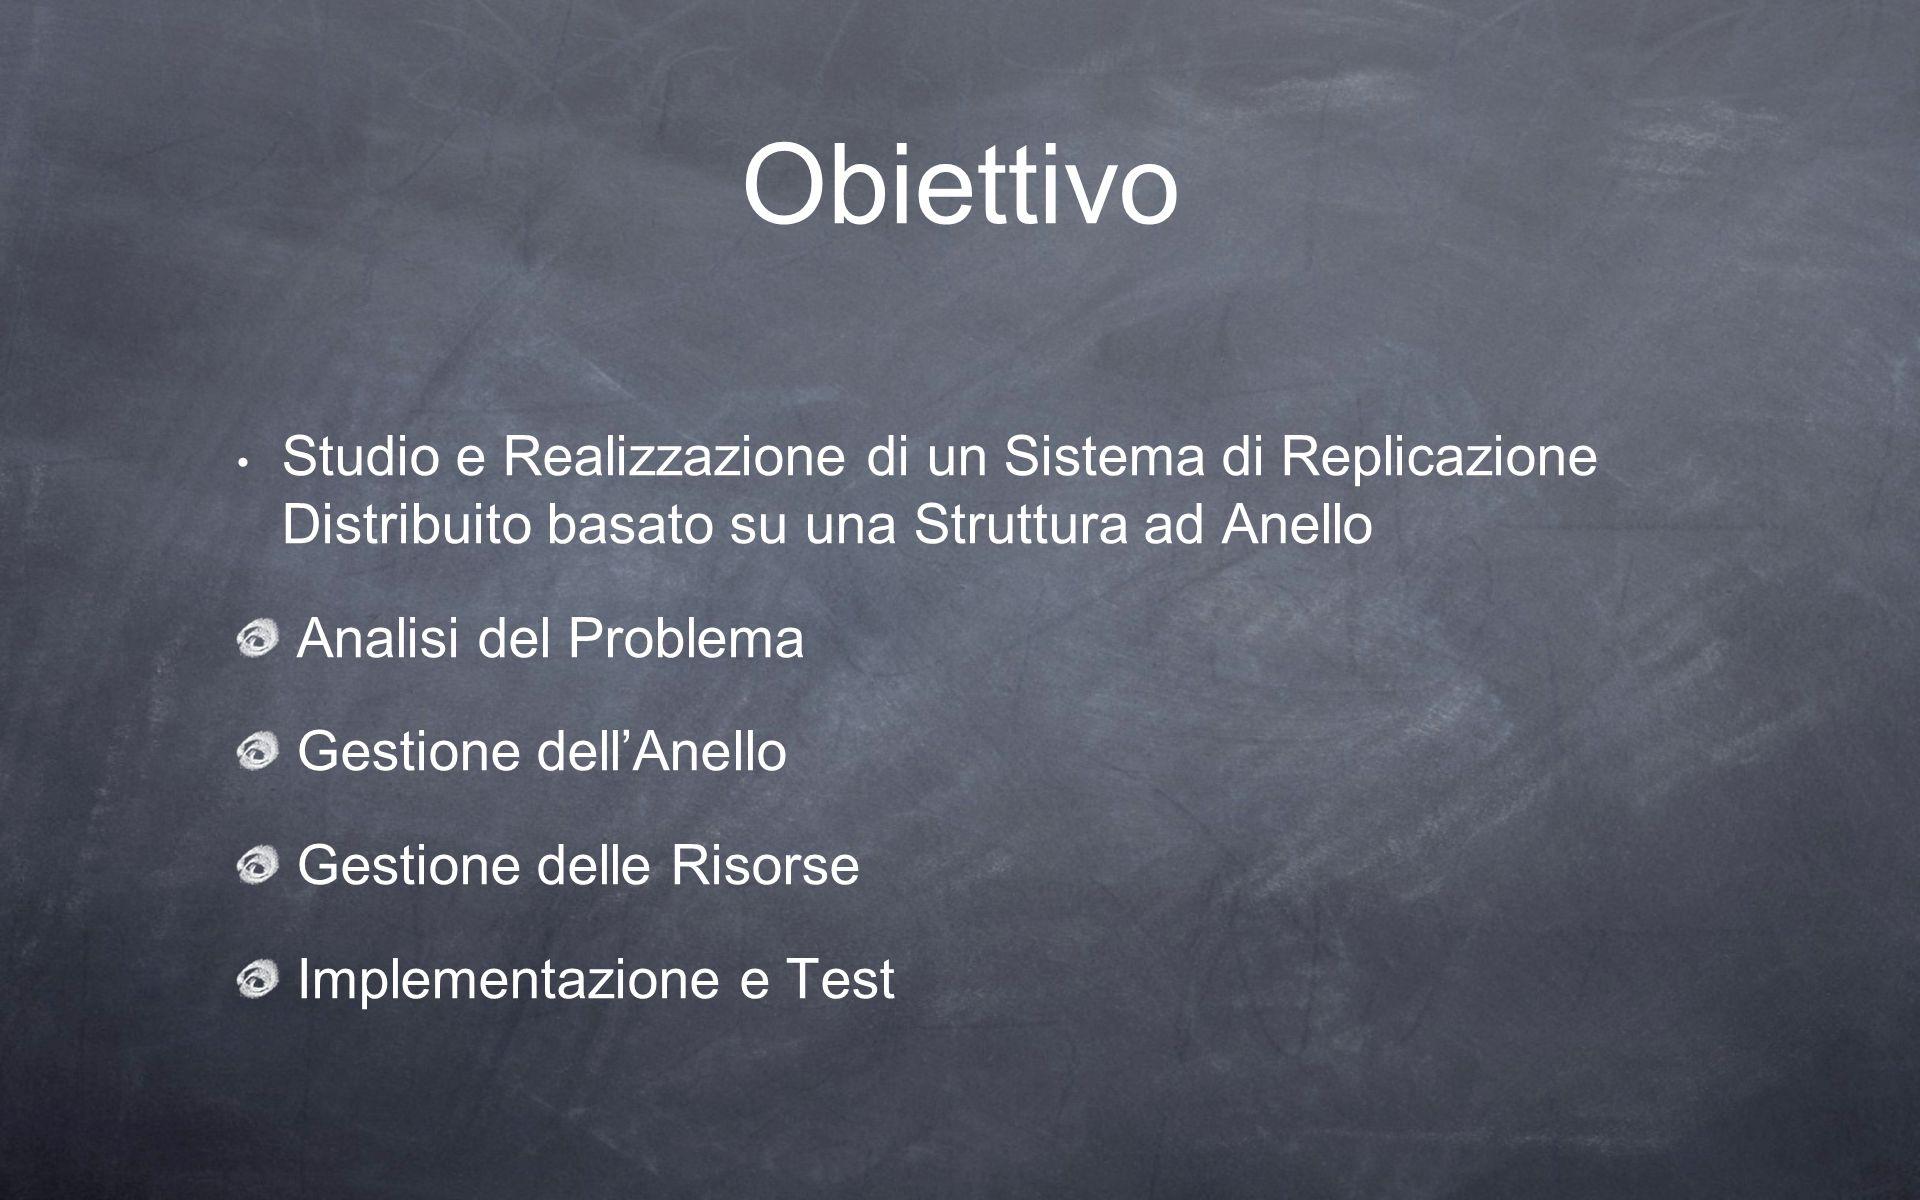 Obiettivo Studio e Realizzazione di un Sistema di Replicazione Distribuito basato su una Struttura ad Anello Analisi del Problema Gestione dell'Anello Gestione delle Risorse Implementazione e Test